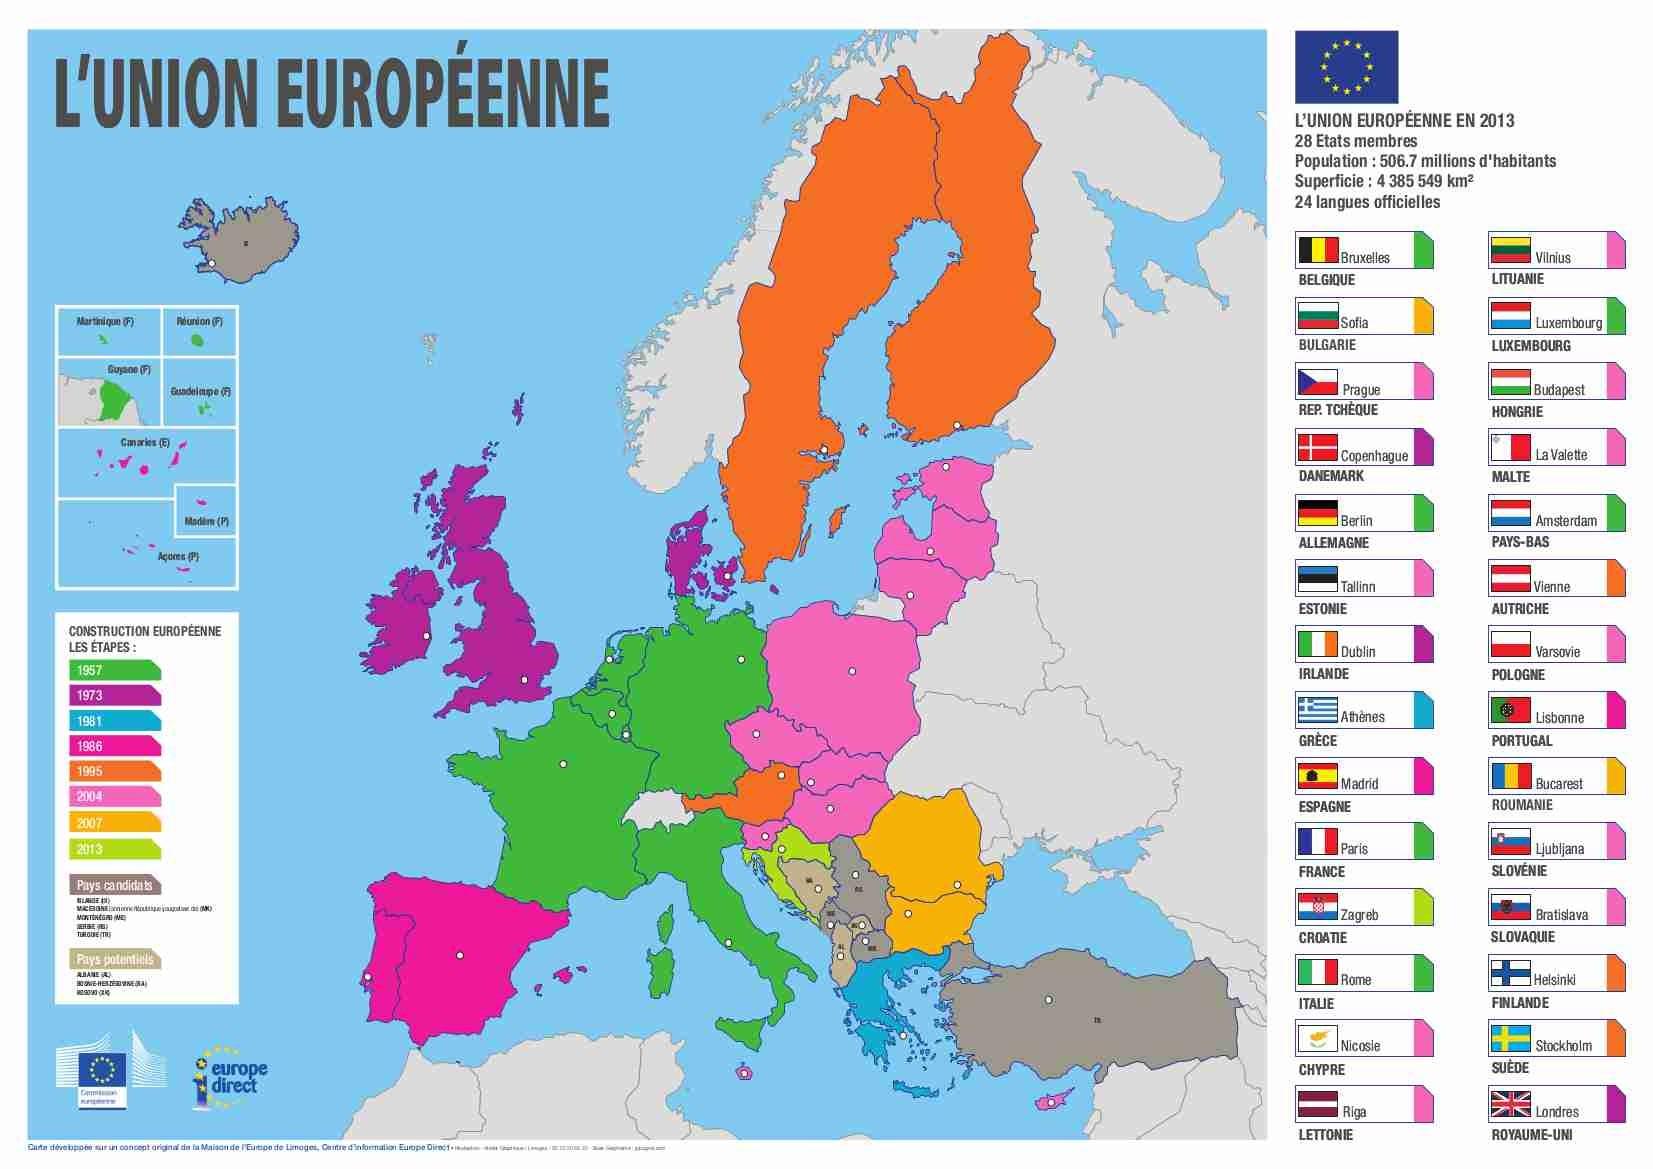 La Position Économique De L'union Européenne Dans Le Monde concernant Pays Union Européenne Liste